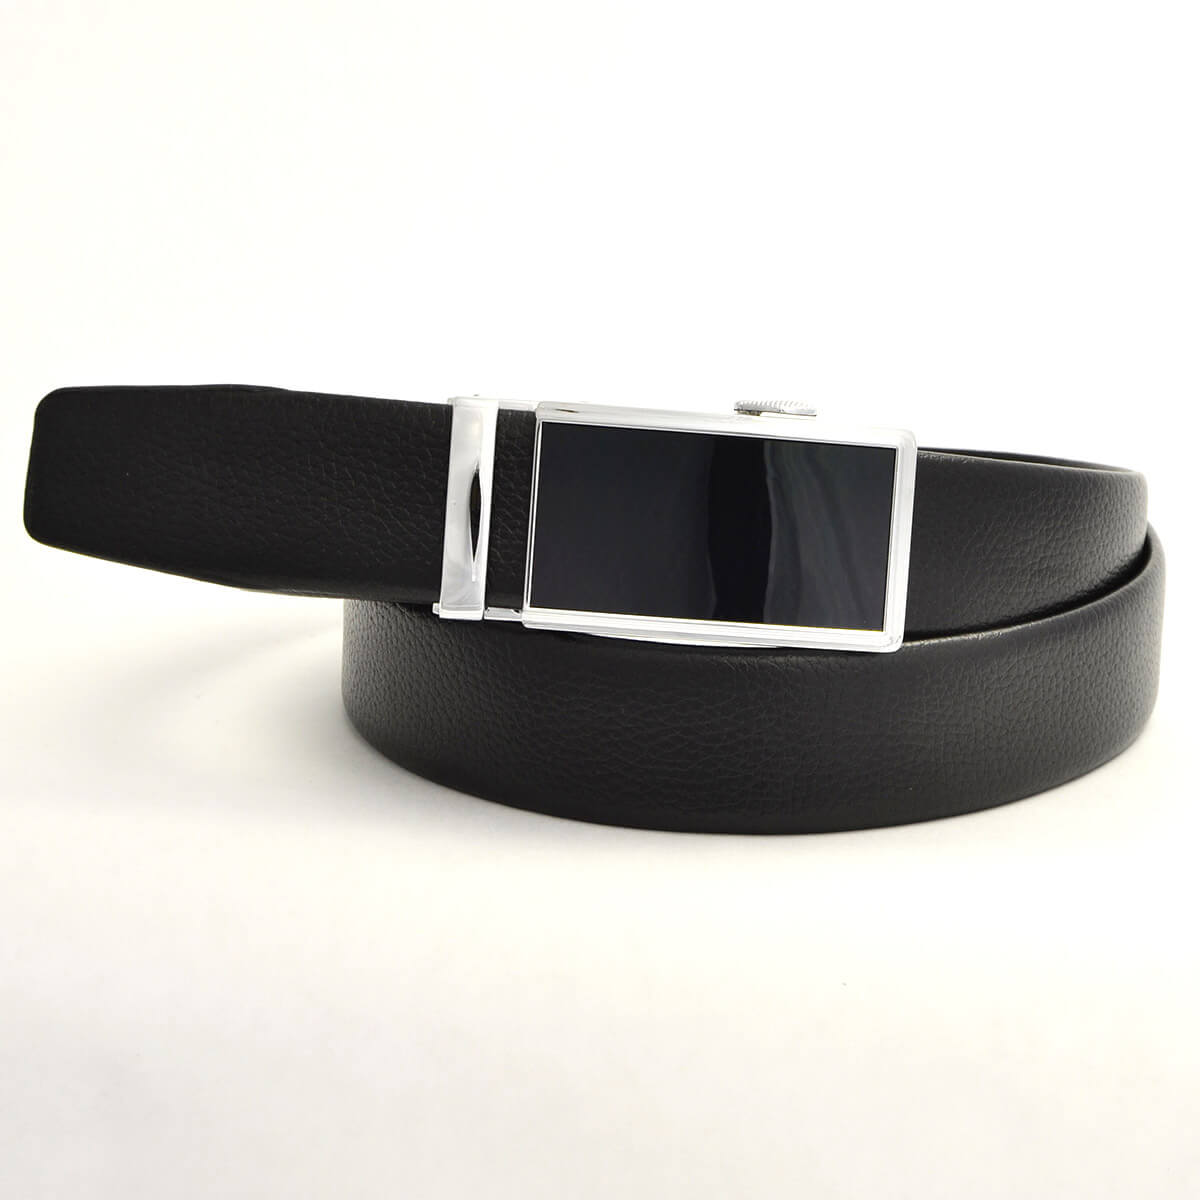 Pánsky kožený opasok - čierny vzor 8, veľkosť 42 (120 cm - 46)